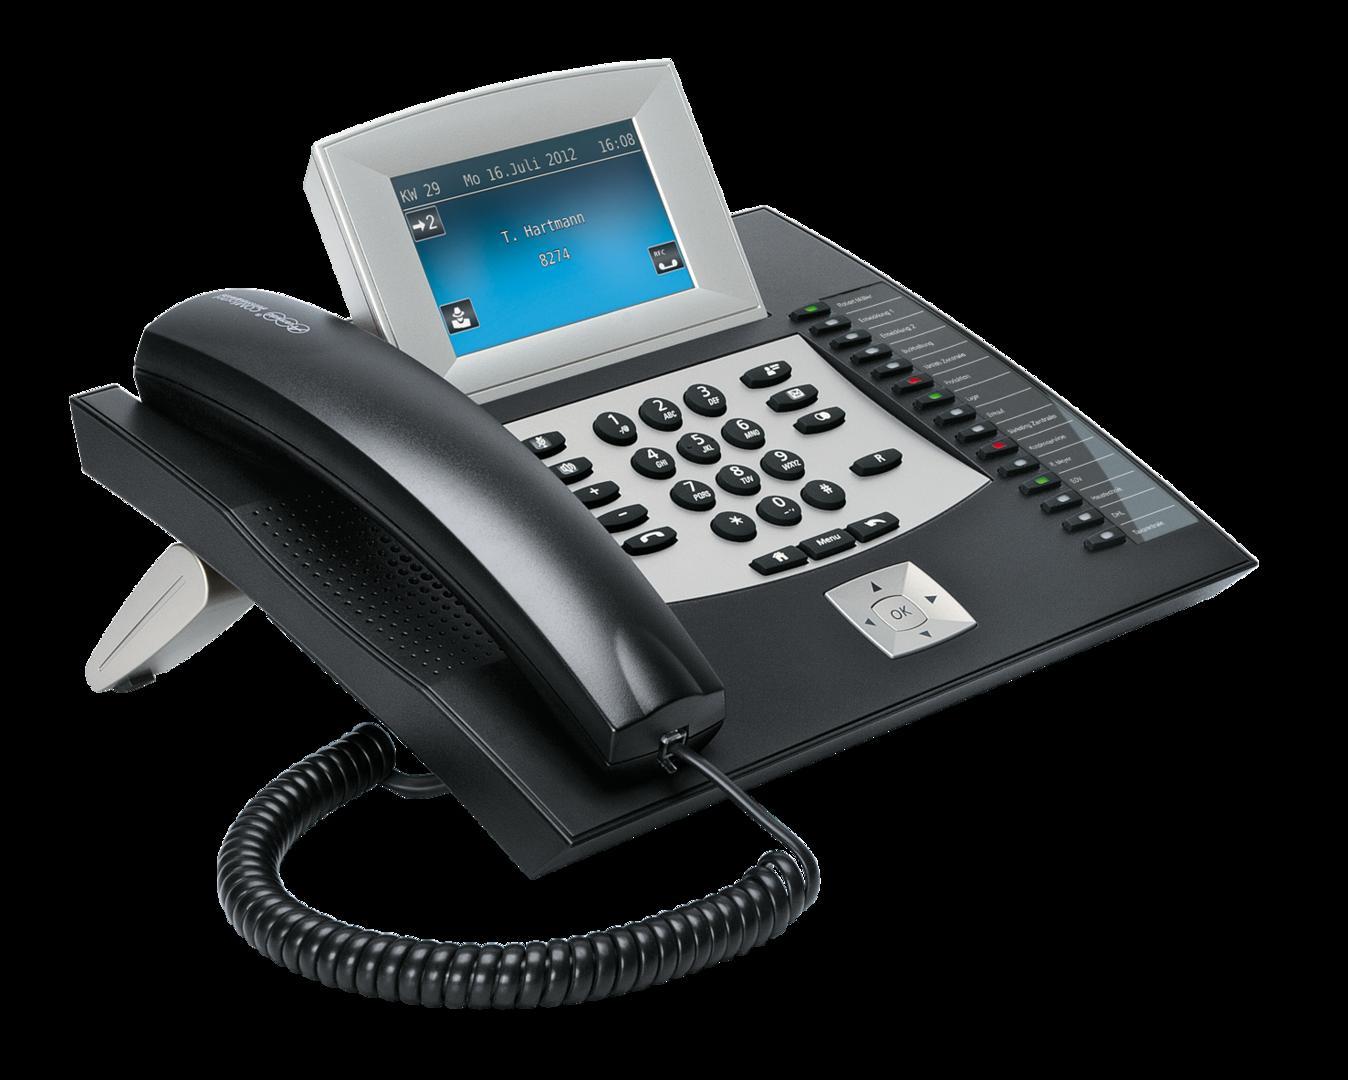 MwSt. inkl Auerswald COMfortel VoIP 250 schwarz NEU